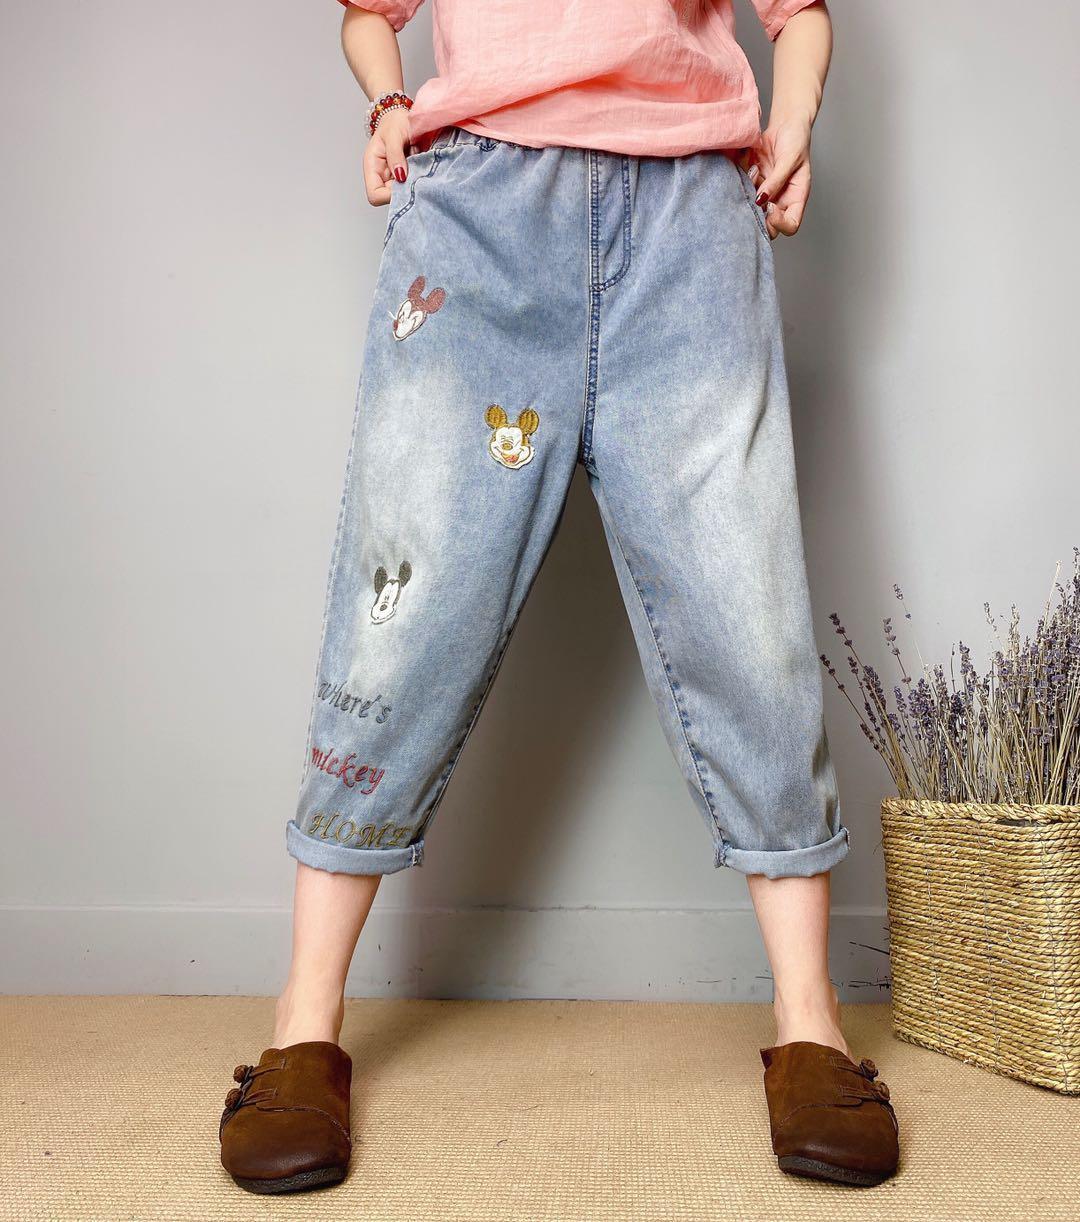 Violet Pantalons Haroun Colorés dessin ou modèle Femme Jeans En été Bk4640